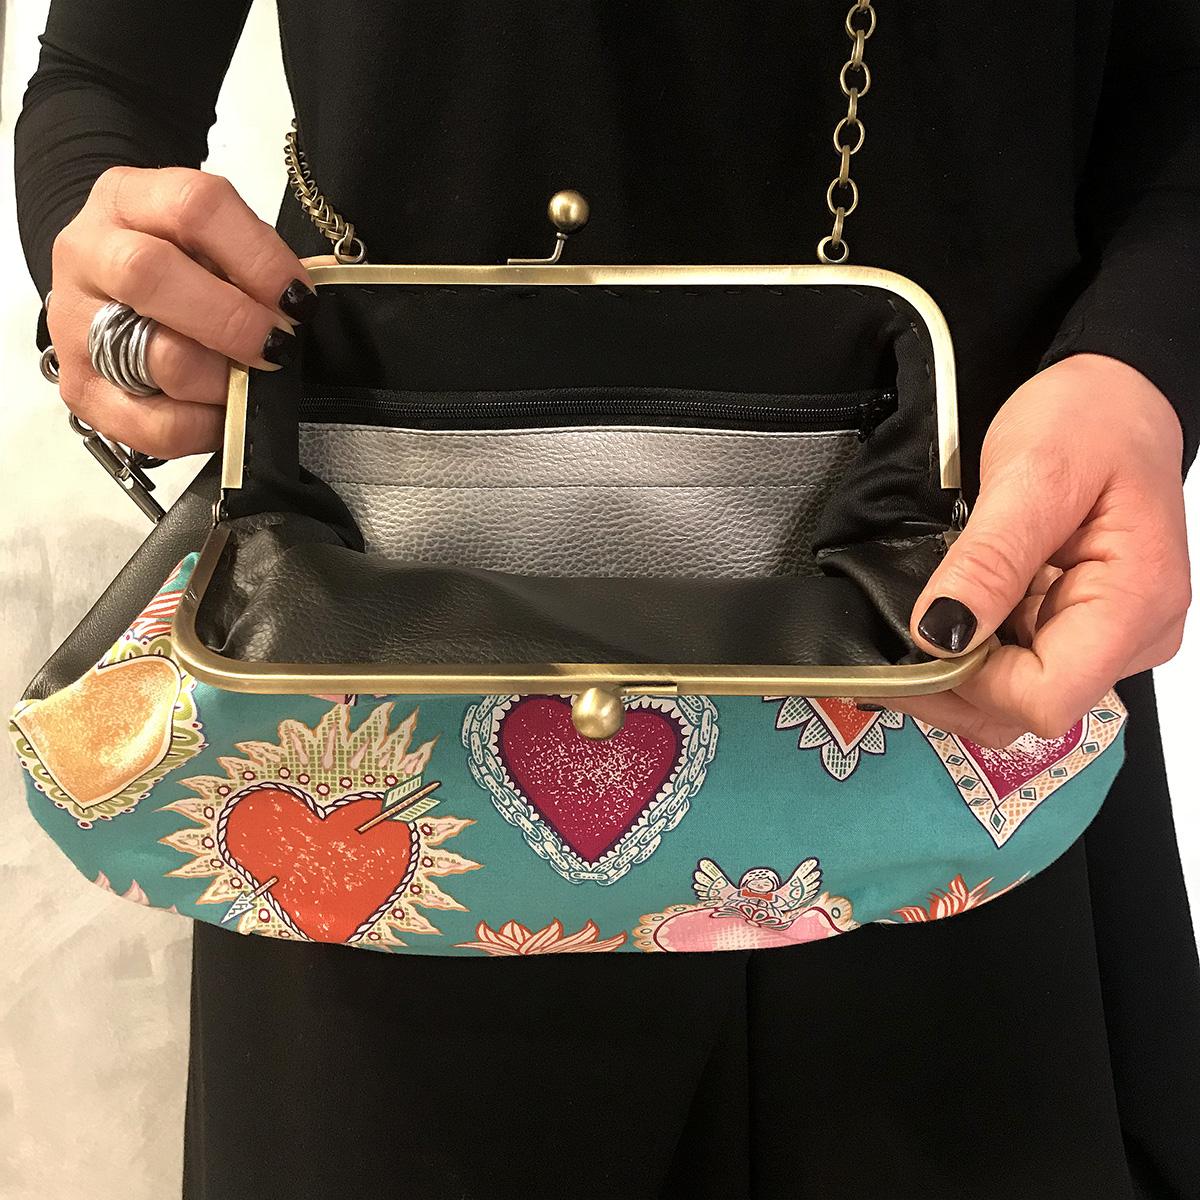 mini-bag-let-bags-cuori-stoffa-pelle-artigianato-femminile-accessori-moda-crazy-art-torino